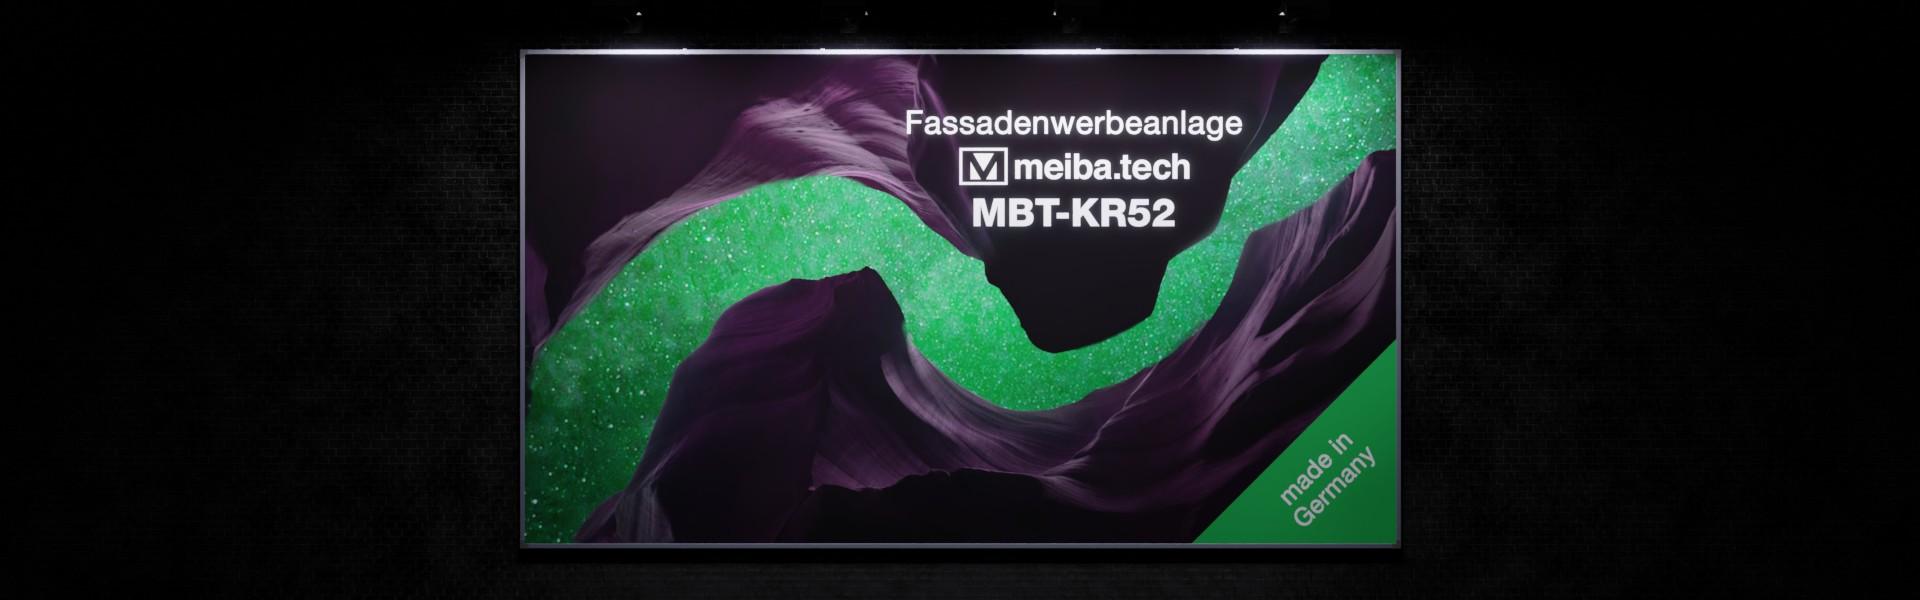 Werbeanlage MBT-KR52 für langfristige Bannerwerbung an Fassaden, Frontansicht beleuchtet